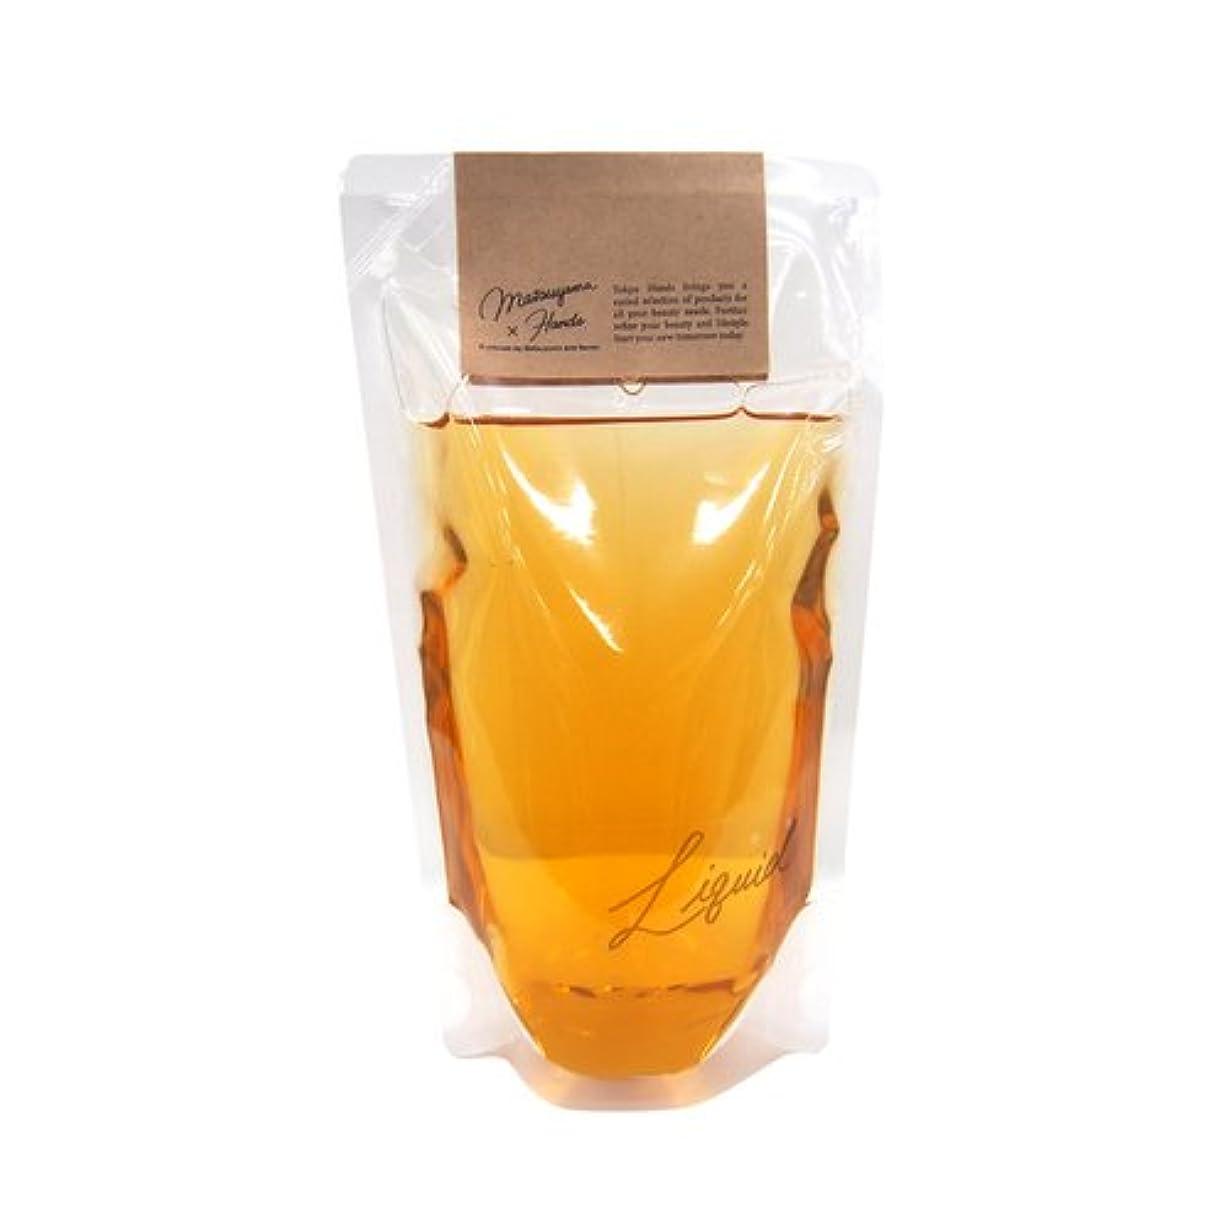 テンポ旋回量で松山油脂×東急ハンズ モイスチャーリキッドソープ カモミール替 280mL